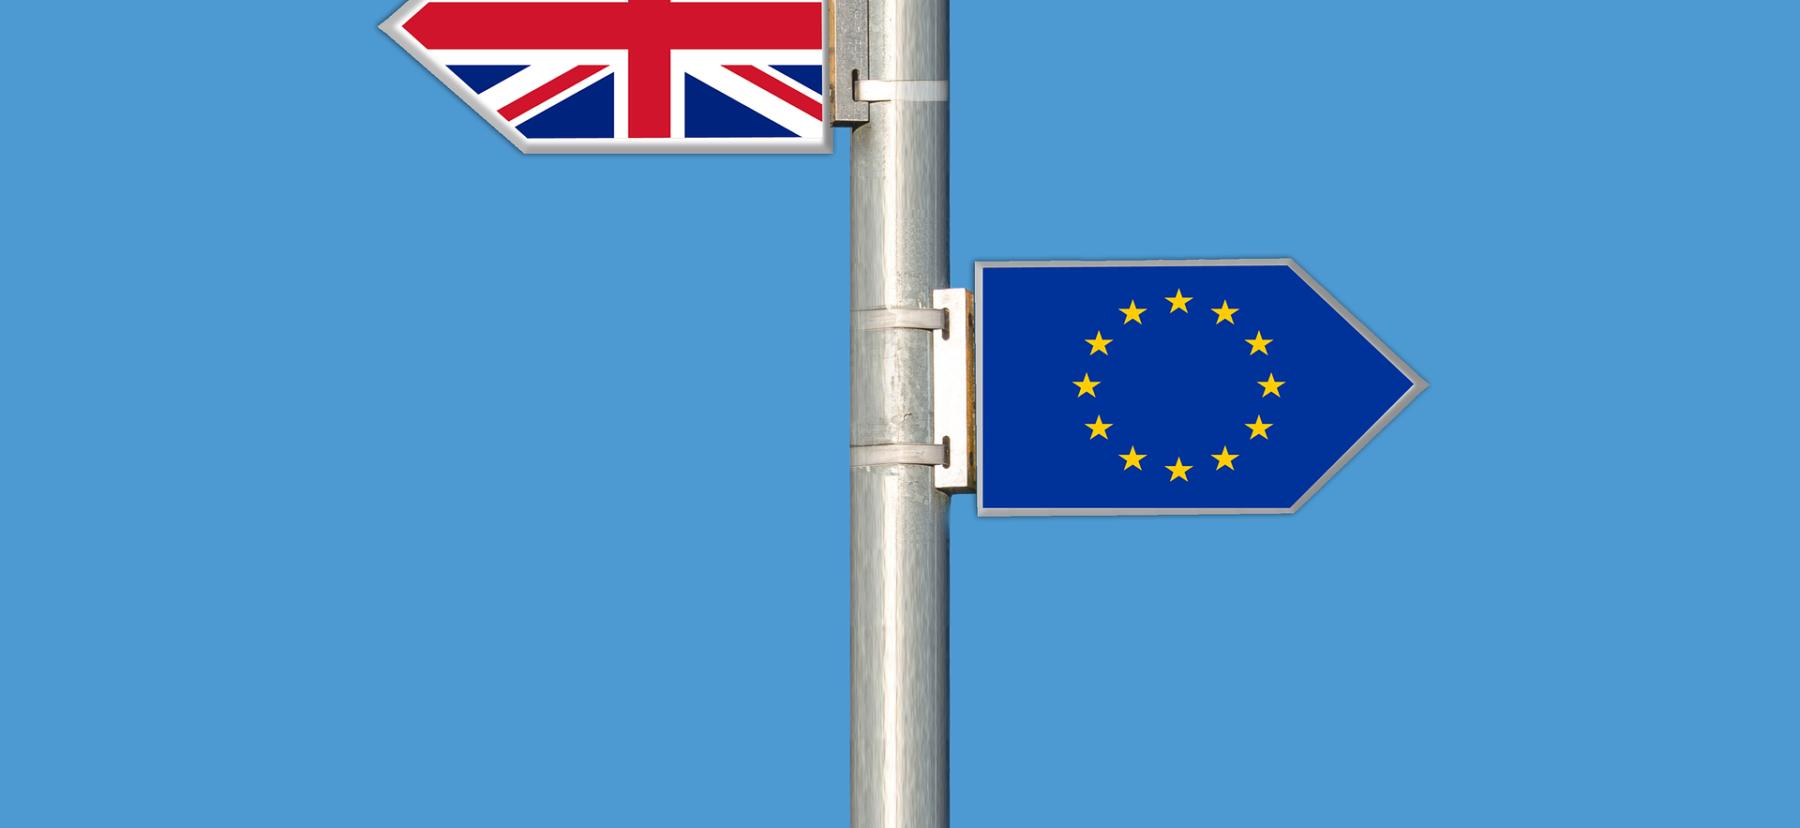 brexit_social_care